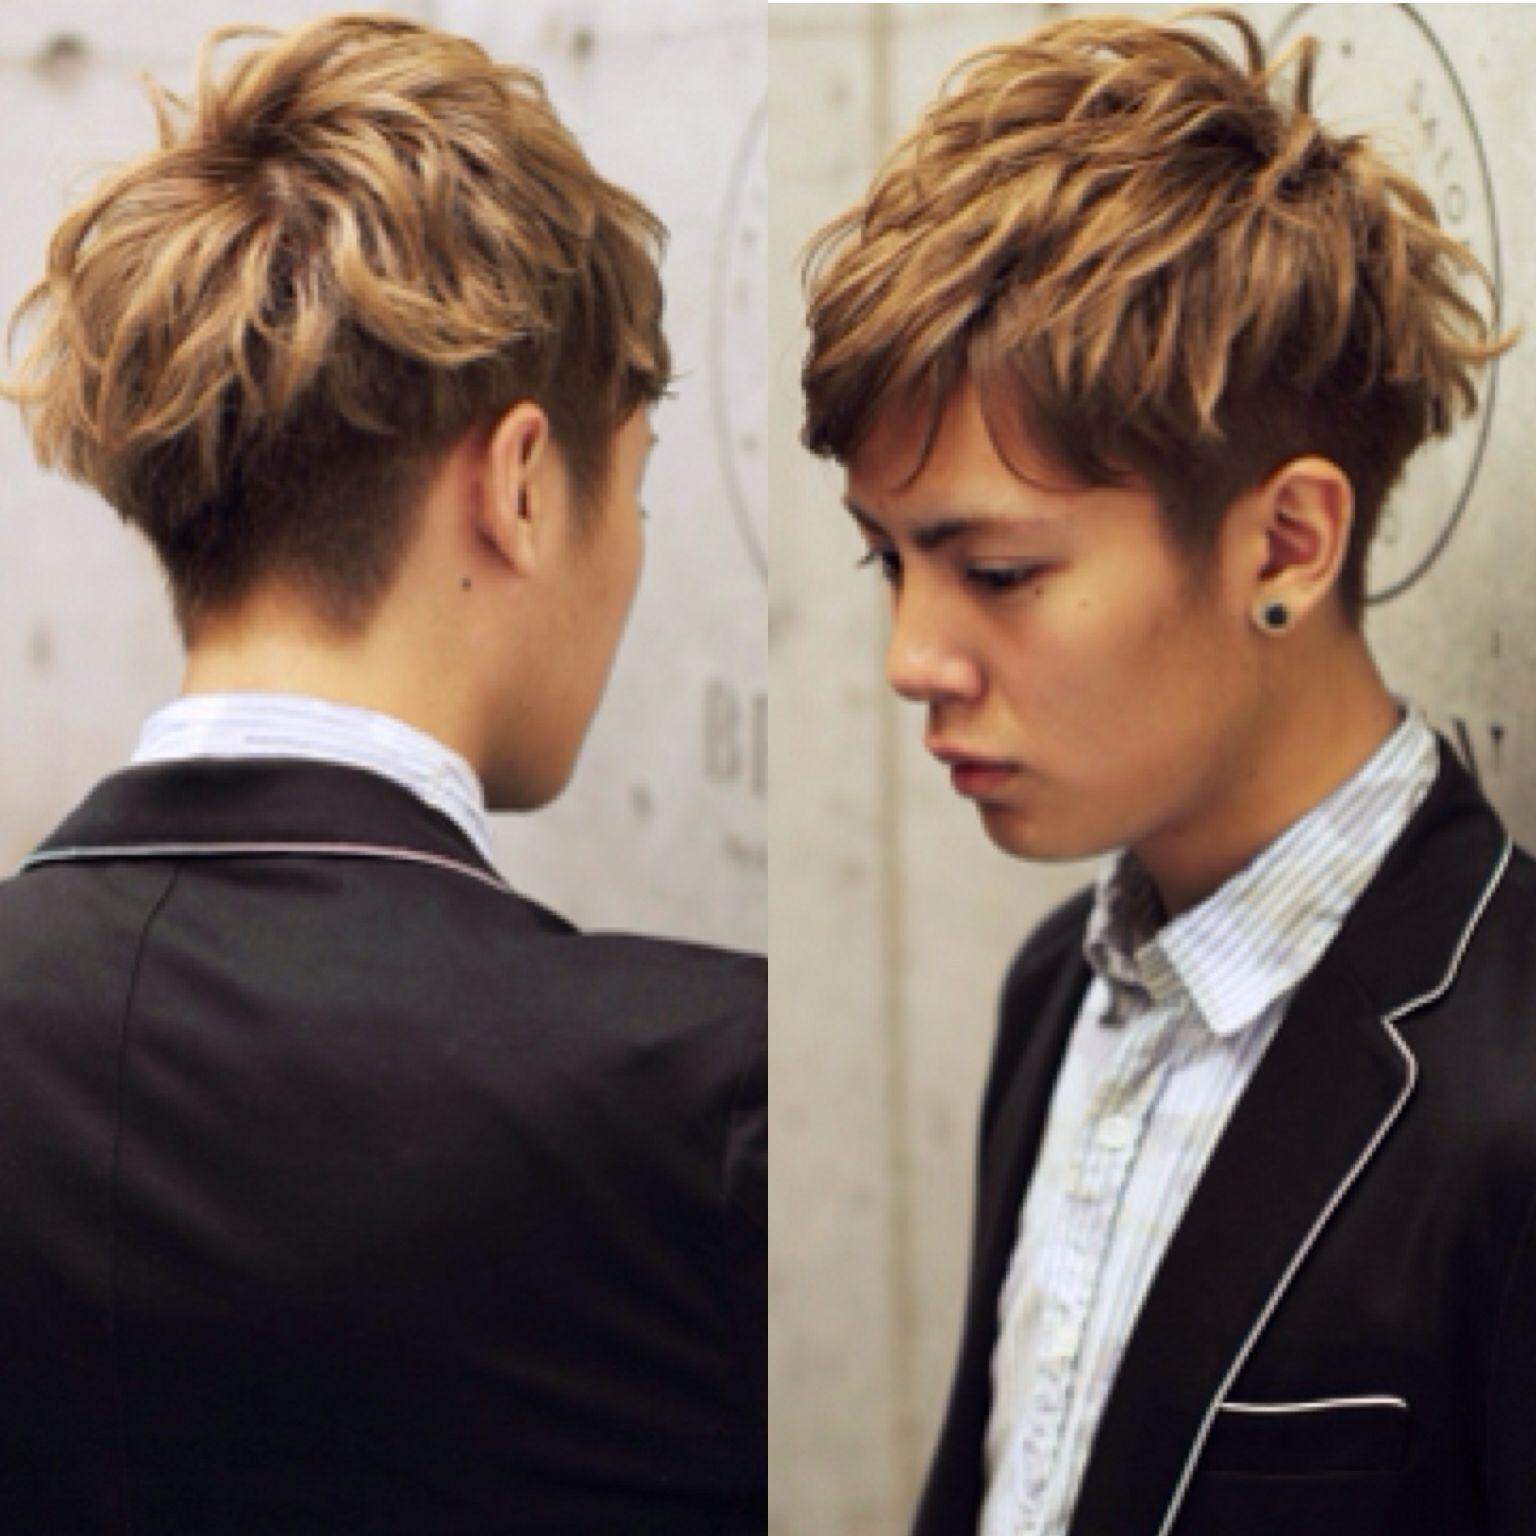 Undercut hairstyle men korean